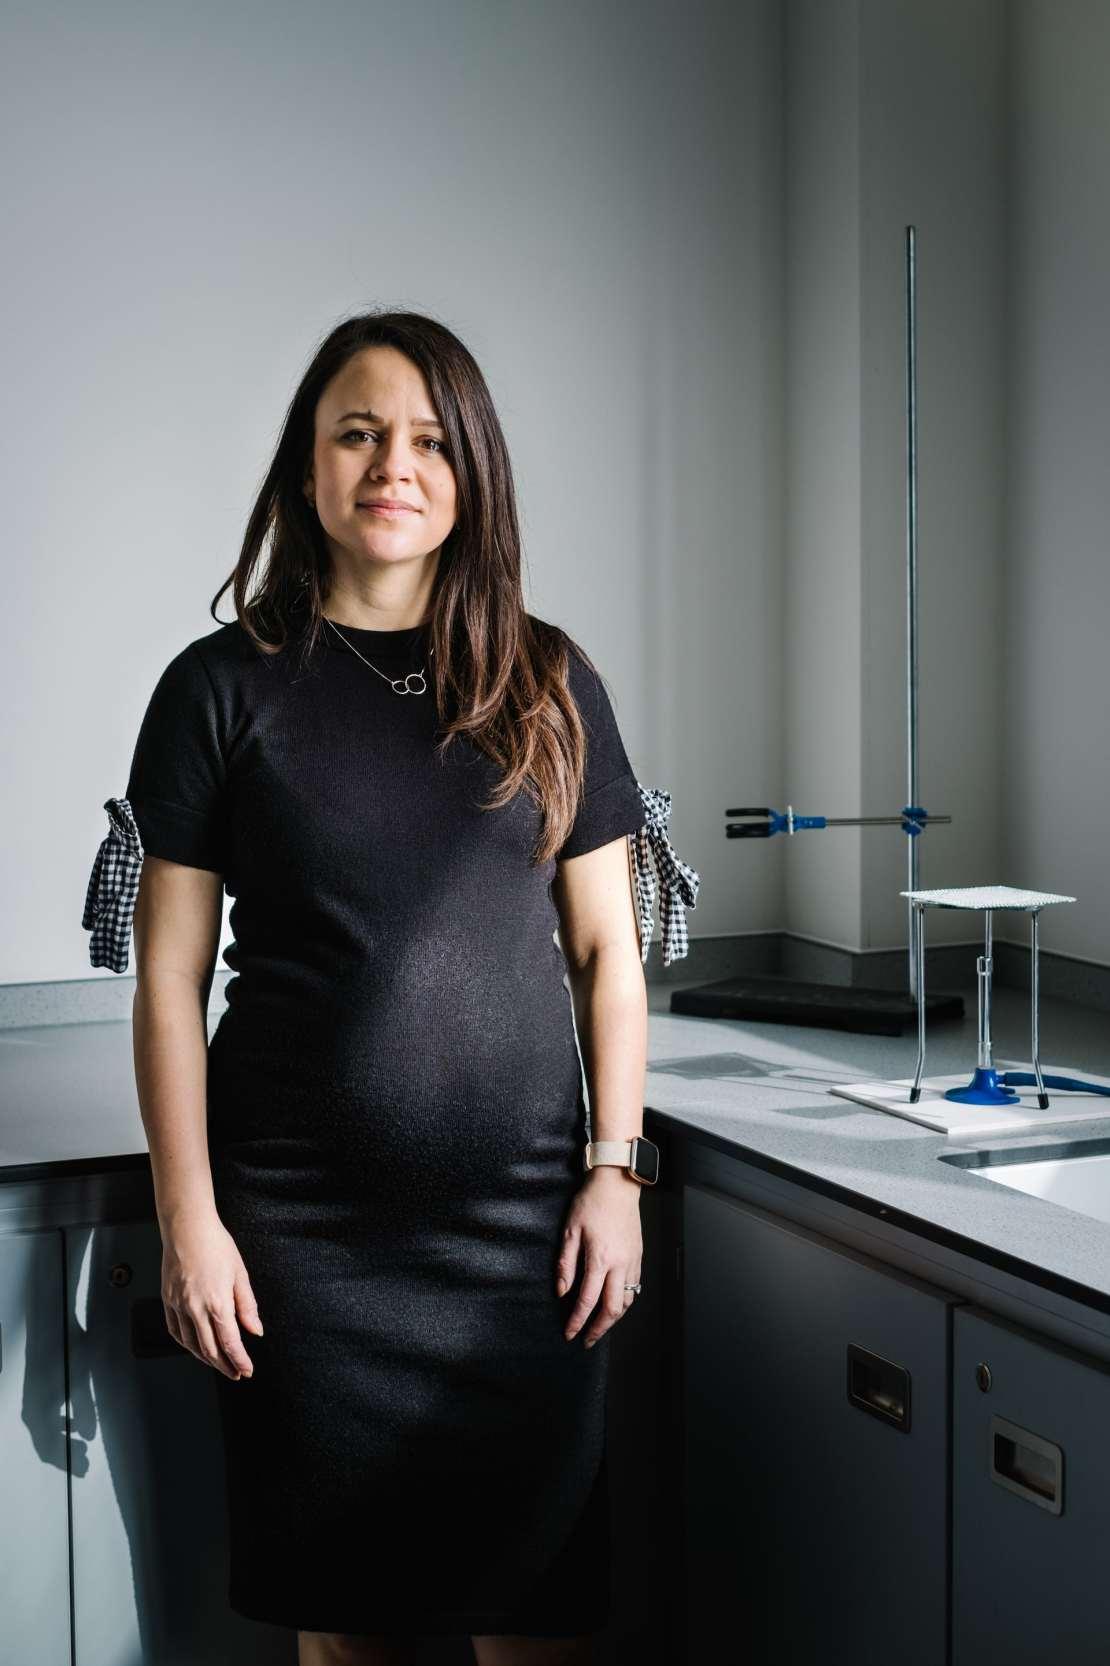 School teacher standing in front of science equipment in class room